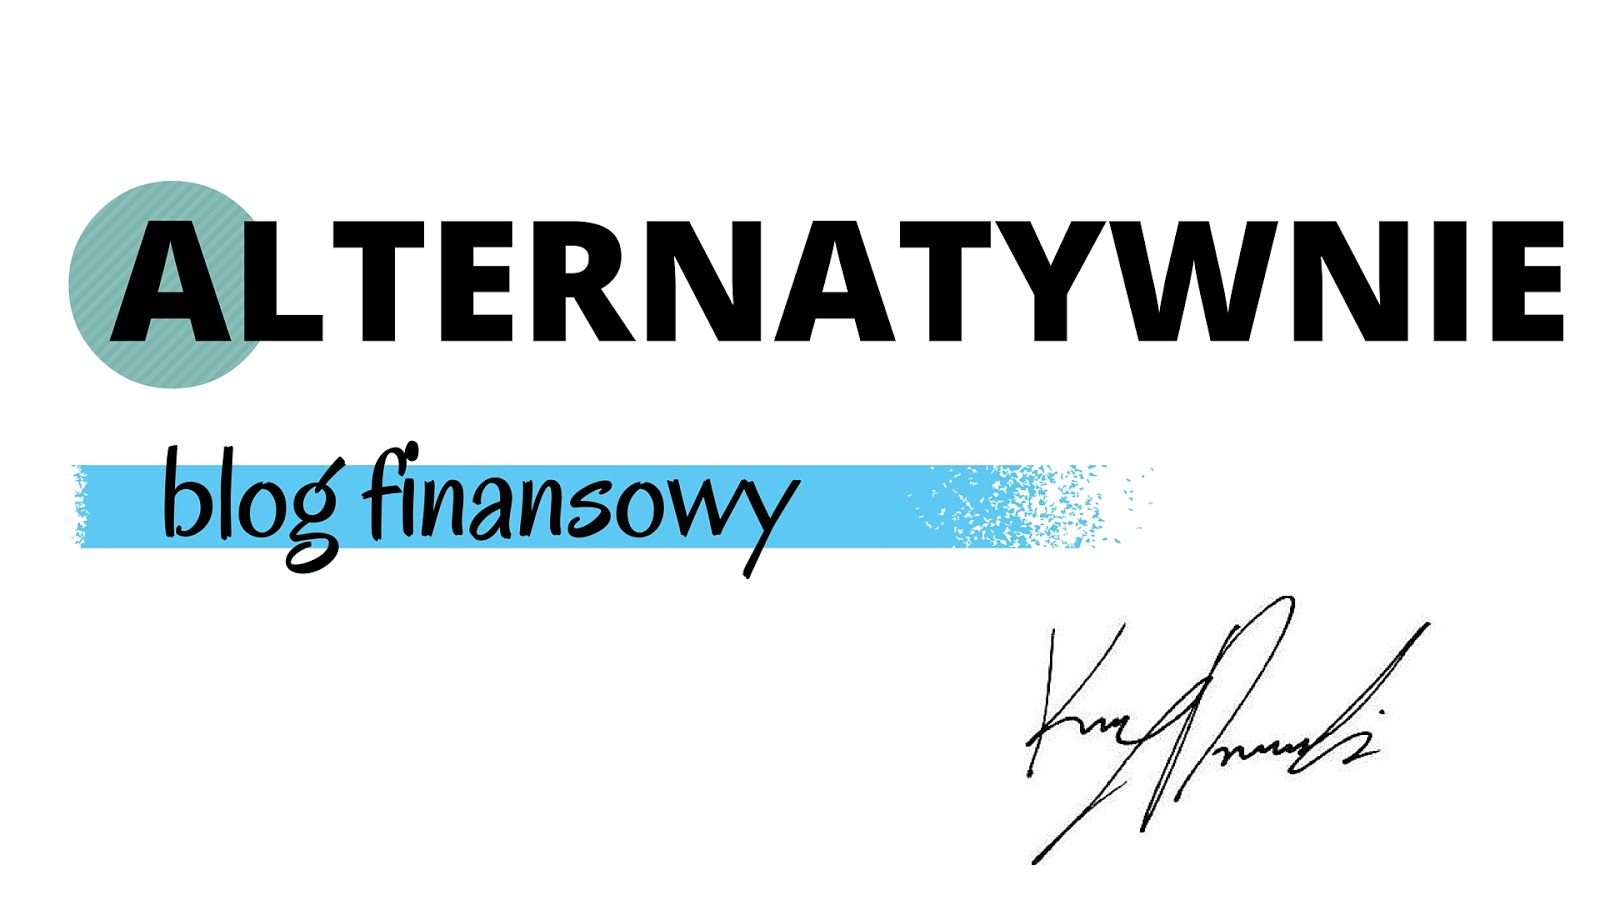 Alternatywnie blog finansowy